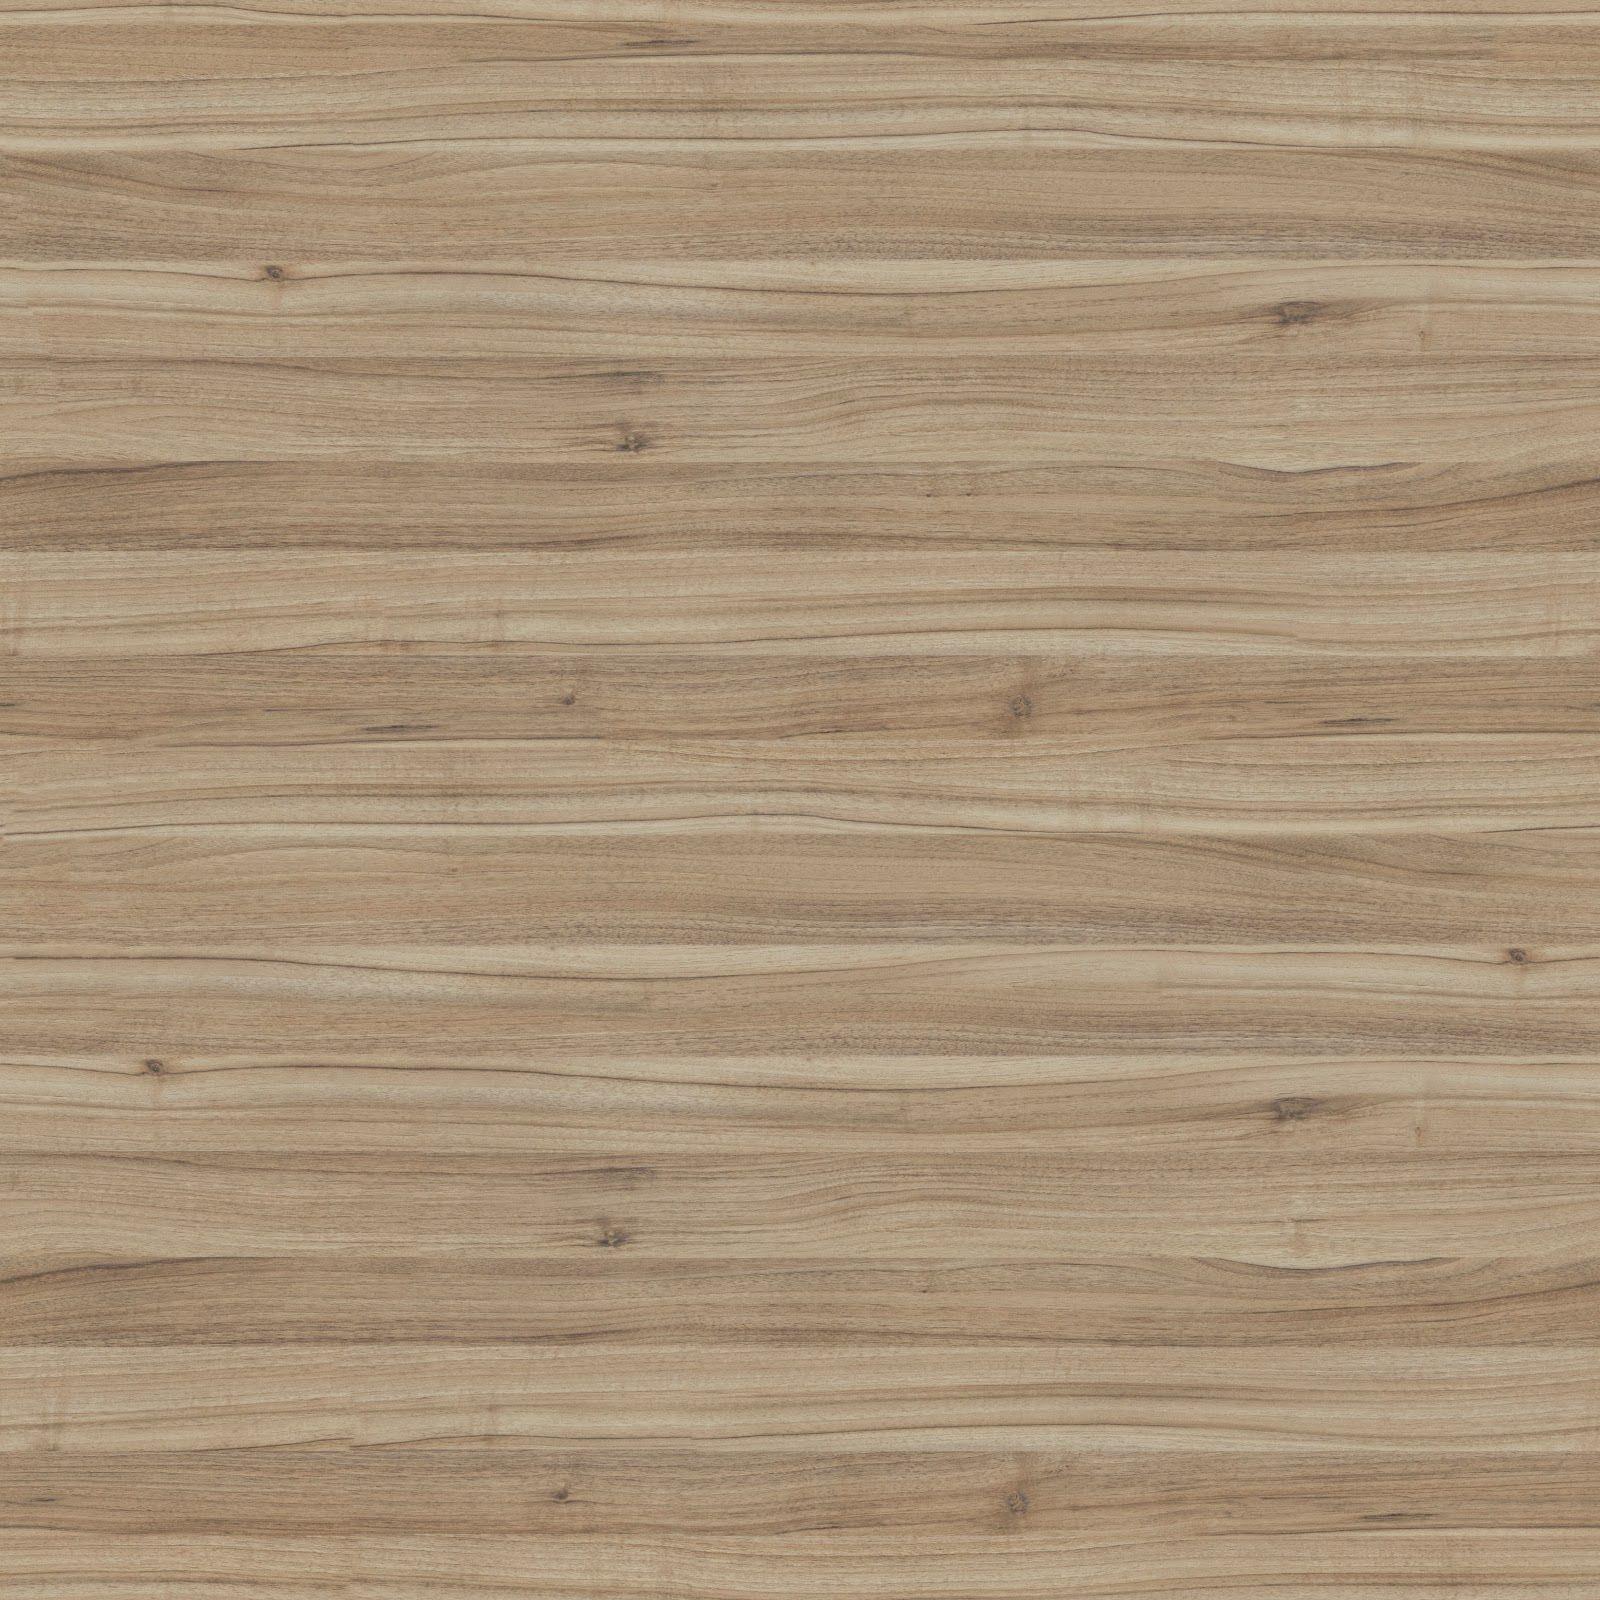 wood floor texture seamless bleached oak - Recherche ...